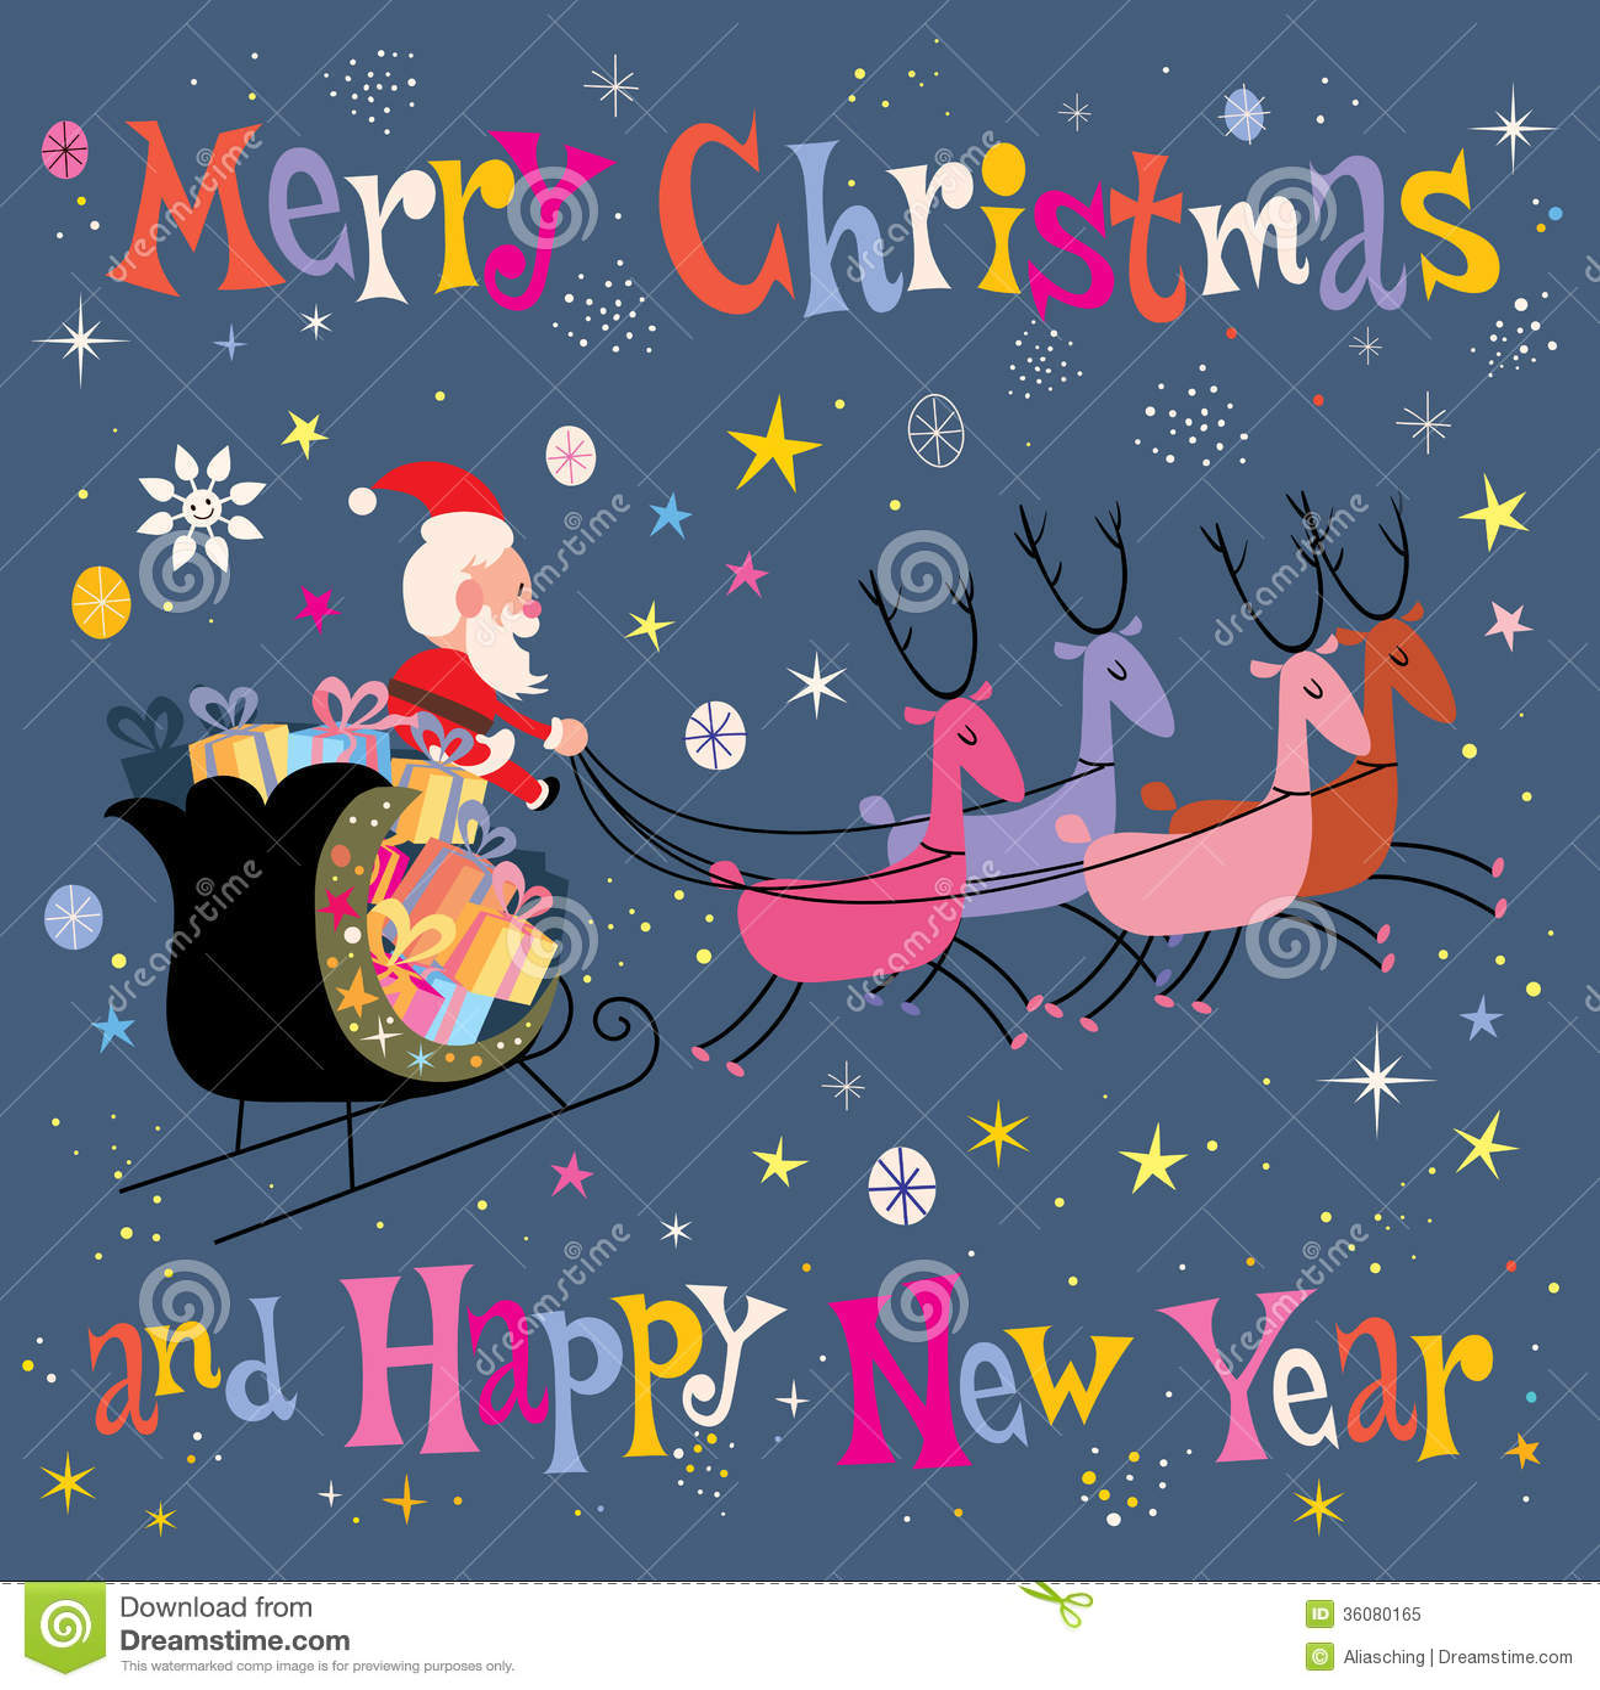 Santa and his sleigh flying merry christmas and happy new year santa and his sleigh flying merry christmas and happy new year greeting card m4hsunfo